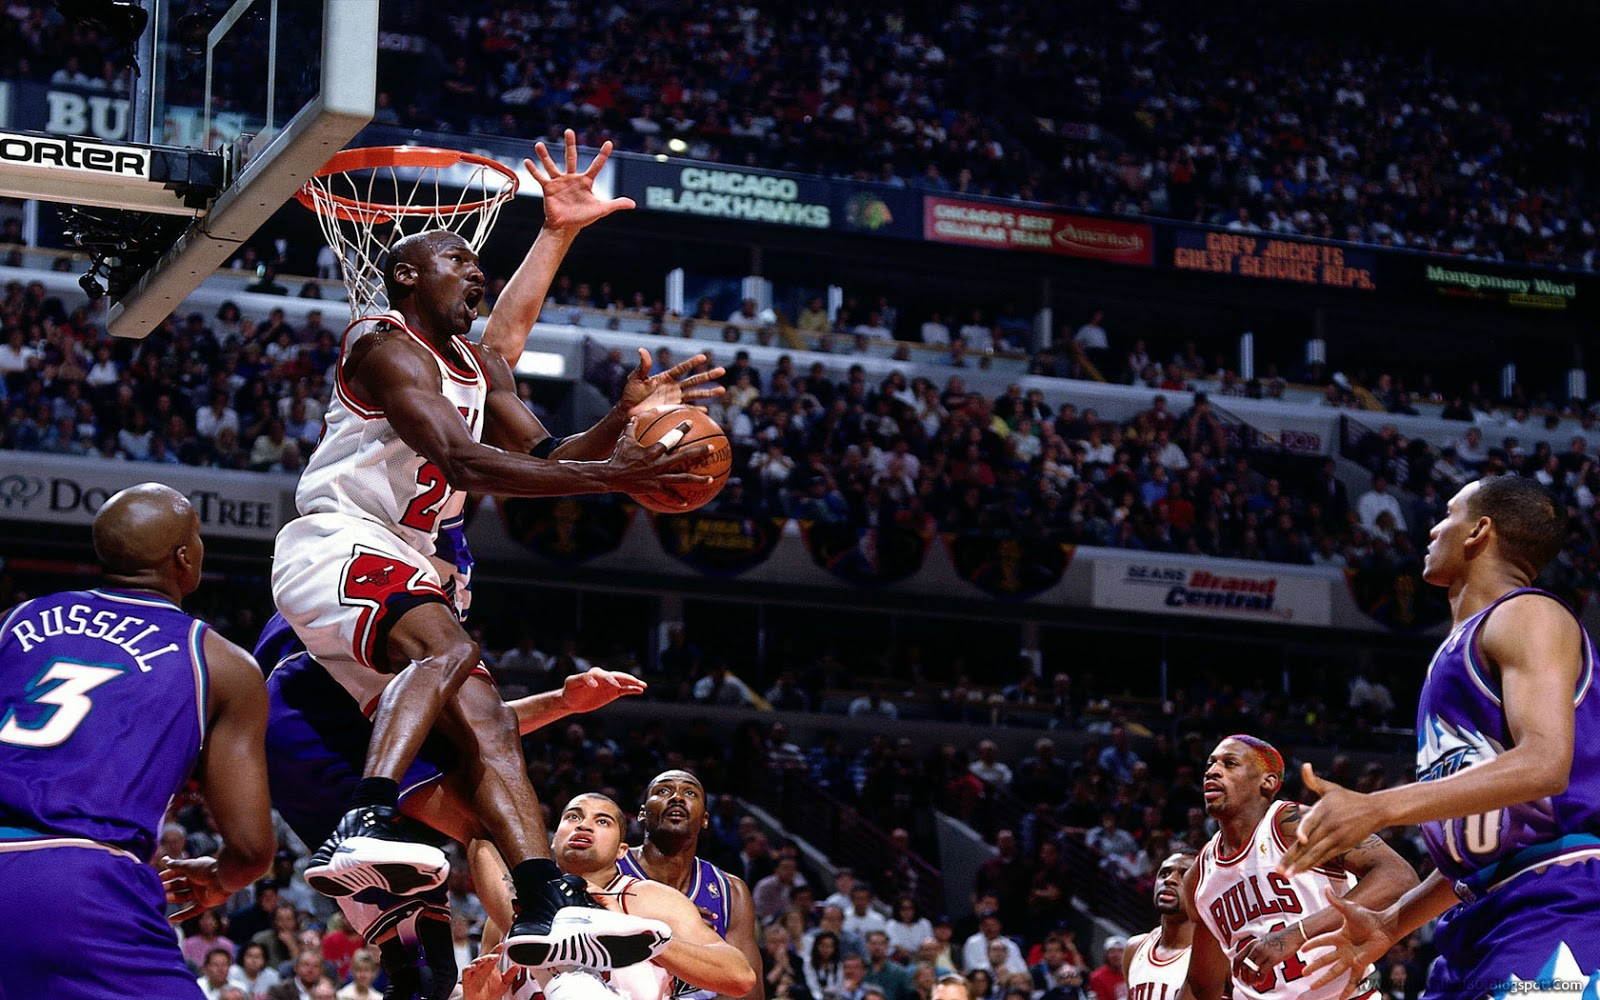 Jordan Basketball are HD Desktop Wallpaper and Best Backgrounds 1600x1000